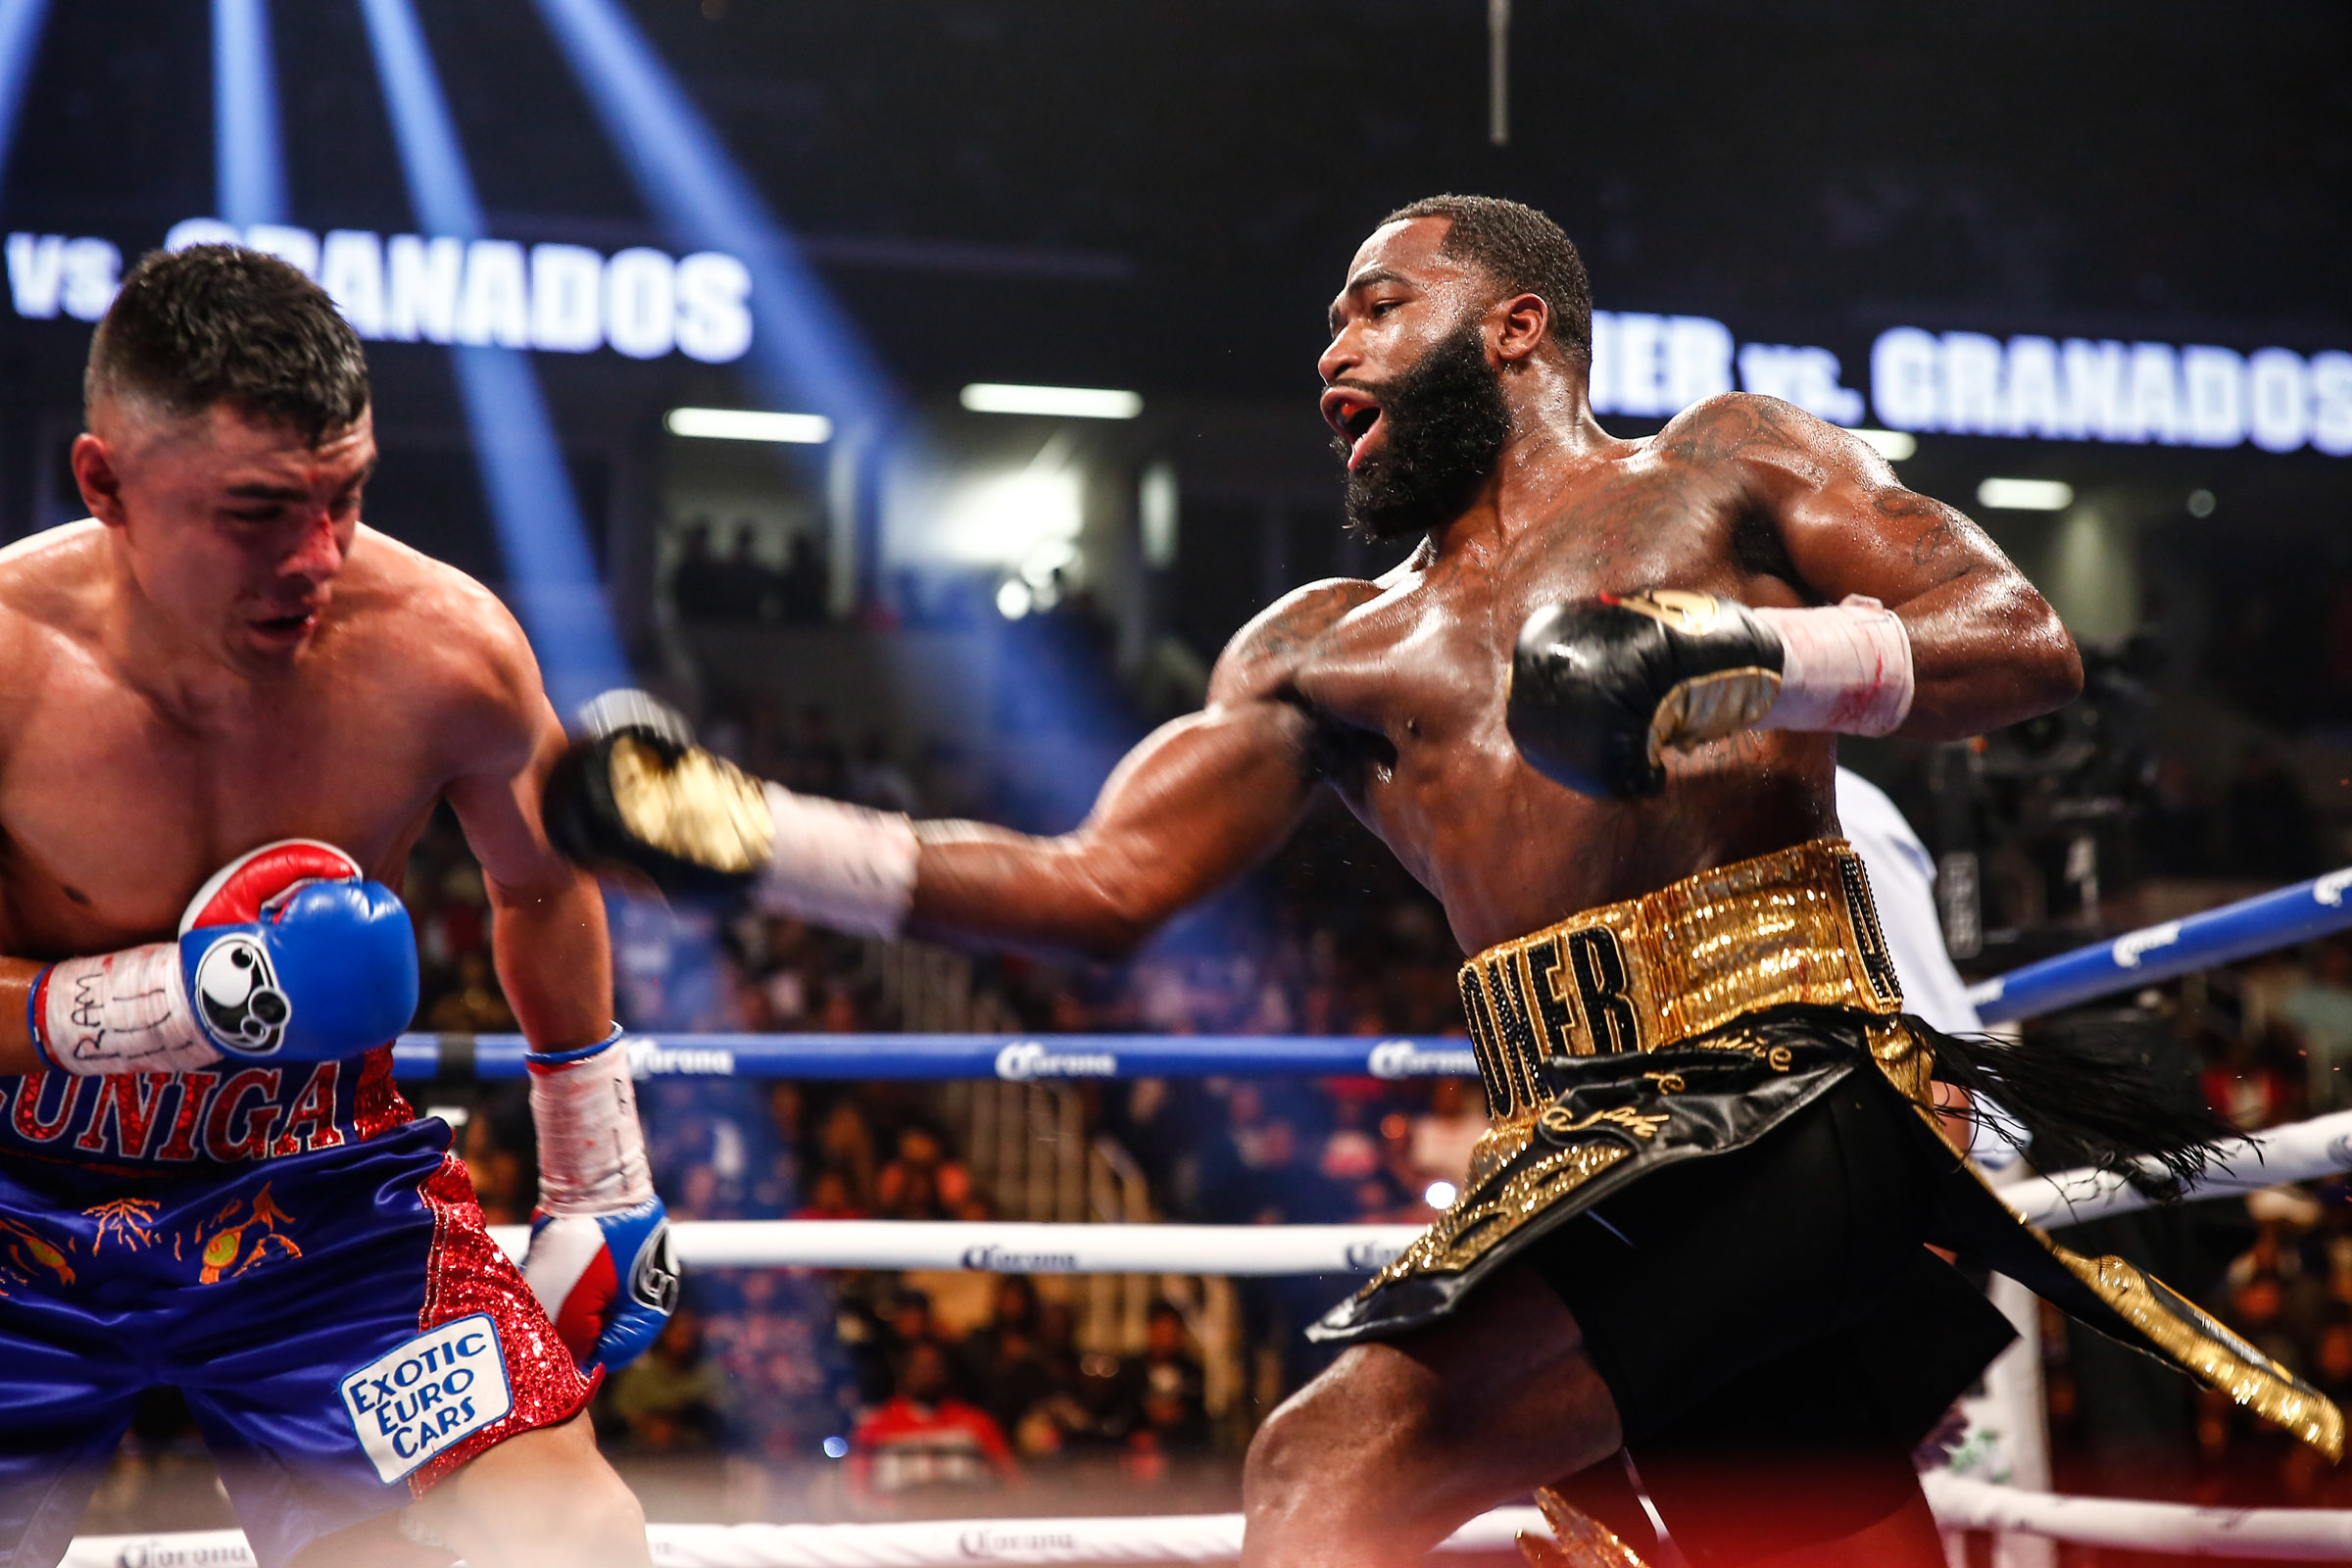 LR_SHO-FIGHT NIGHT-BRONER VS GRANADOS-02182017-9672.jpg